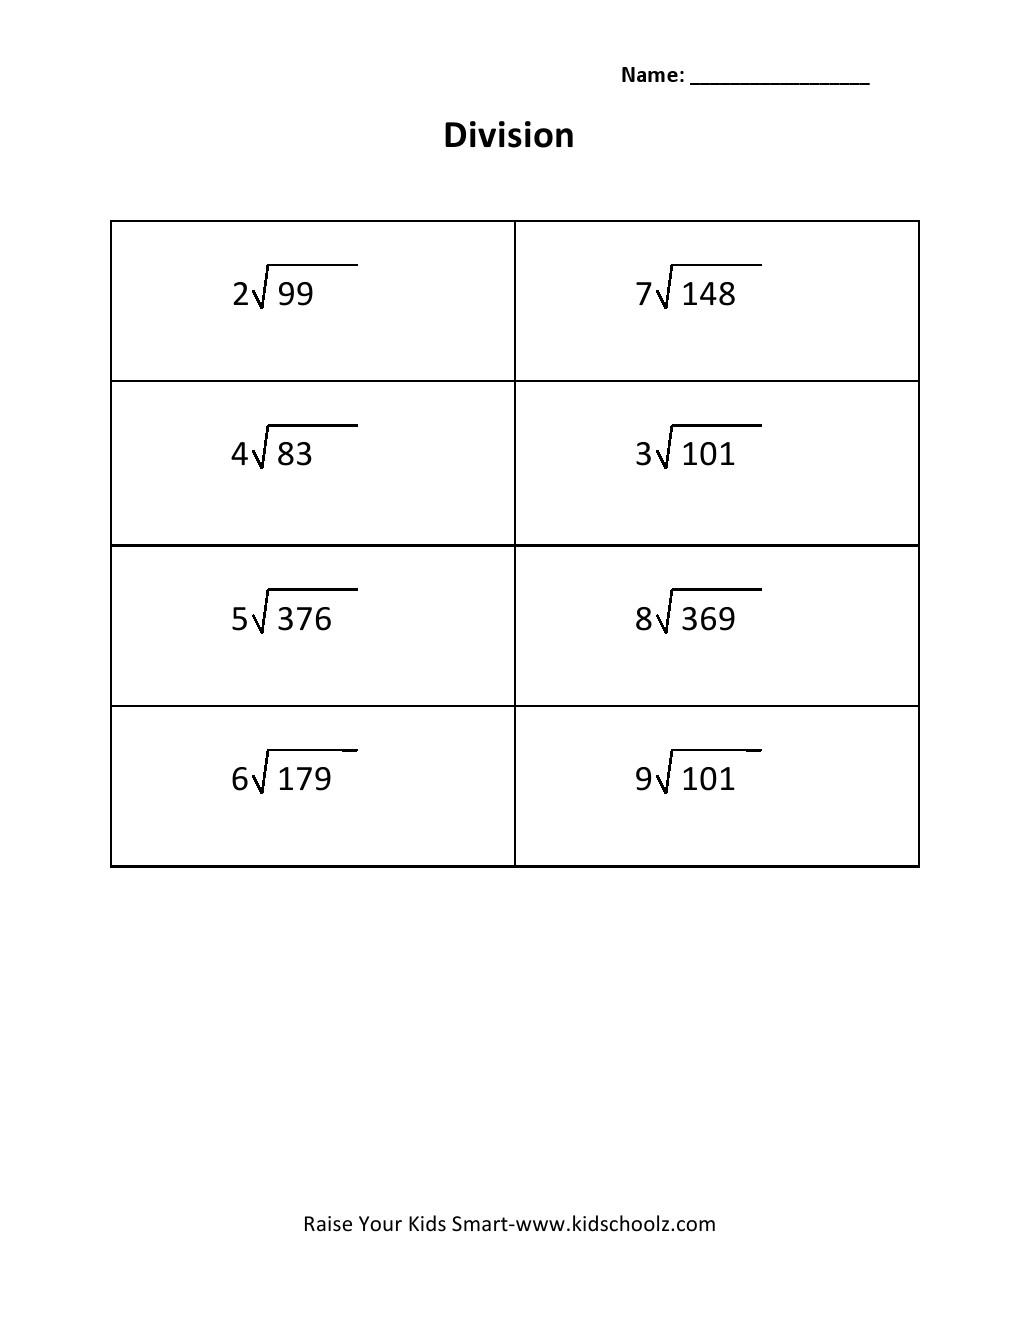 Free Worksheets body fat worksheet : Grade 3 - Division Worksheet 5 - Kidschoolz